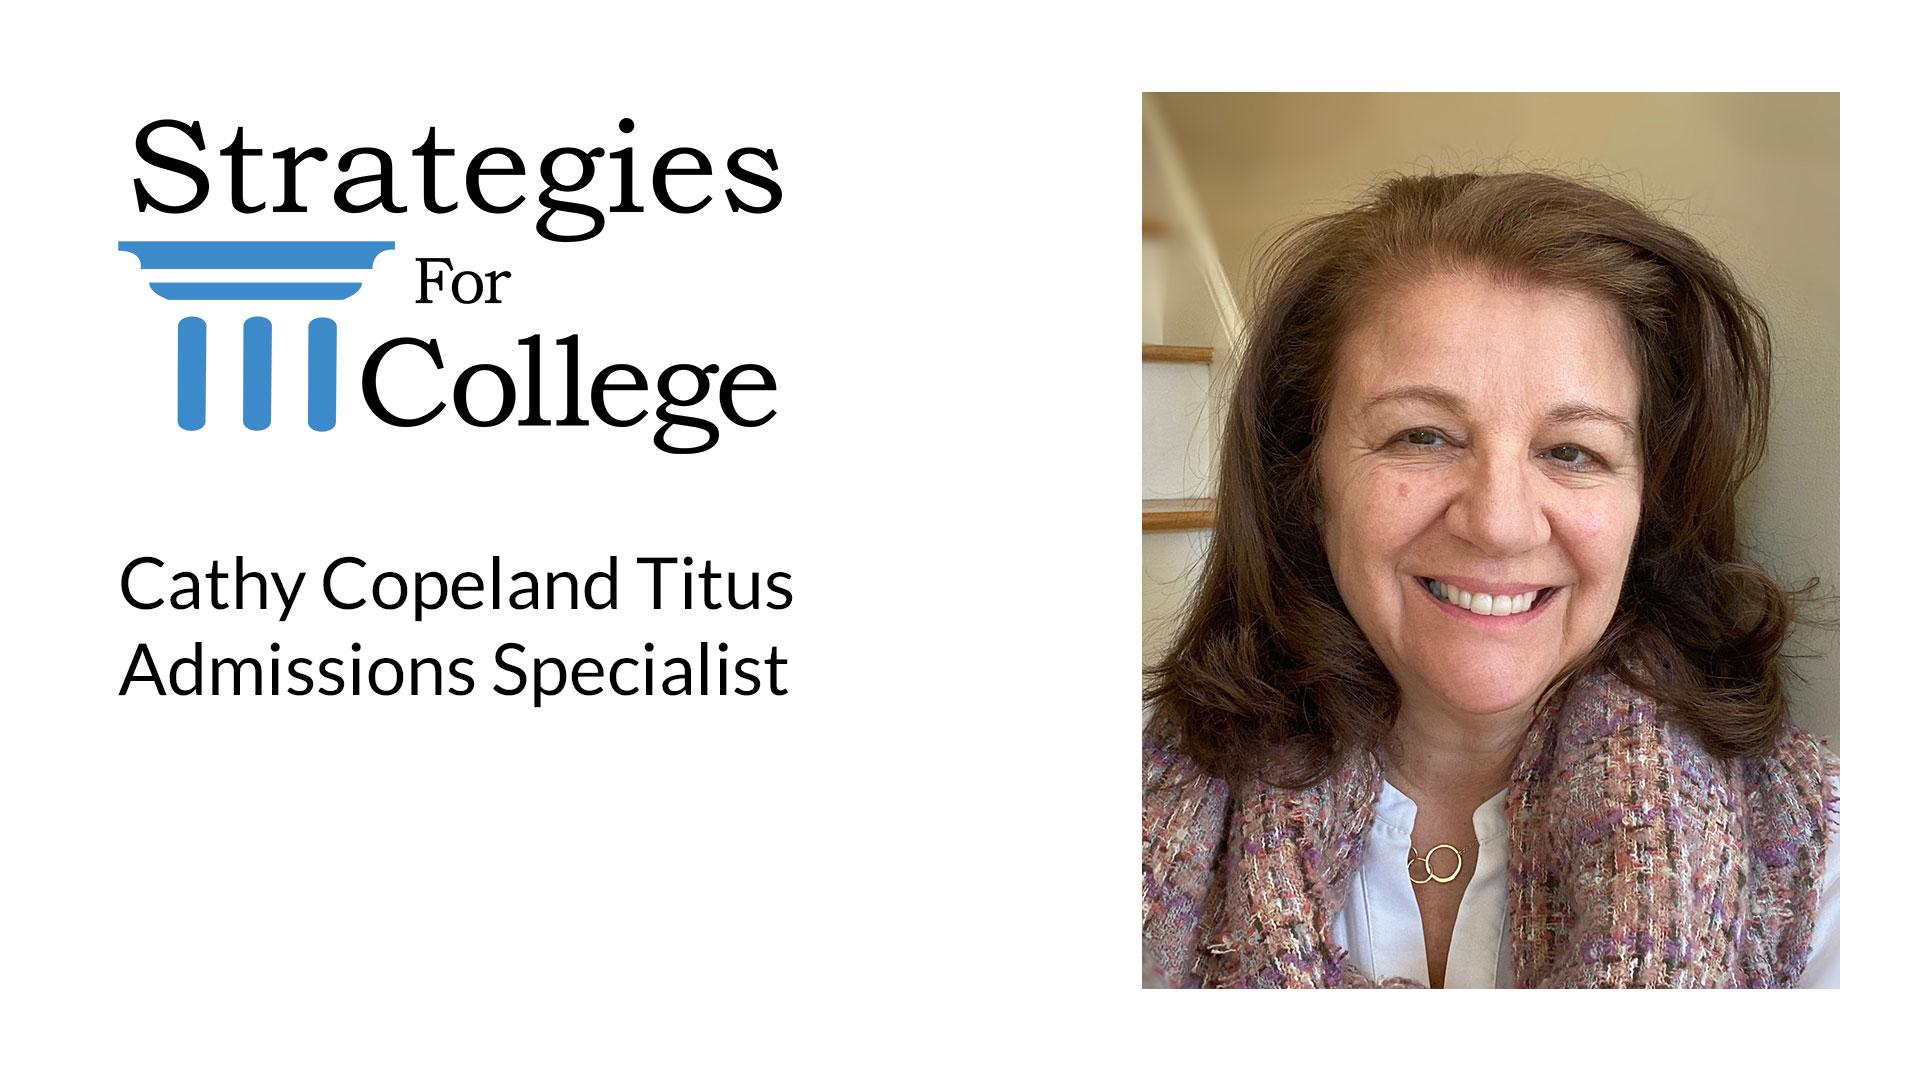 Cathy Copeland Titus